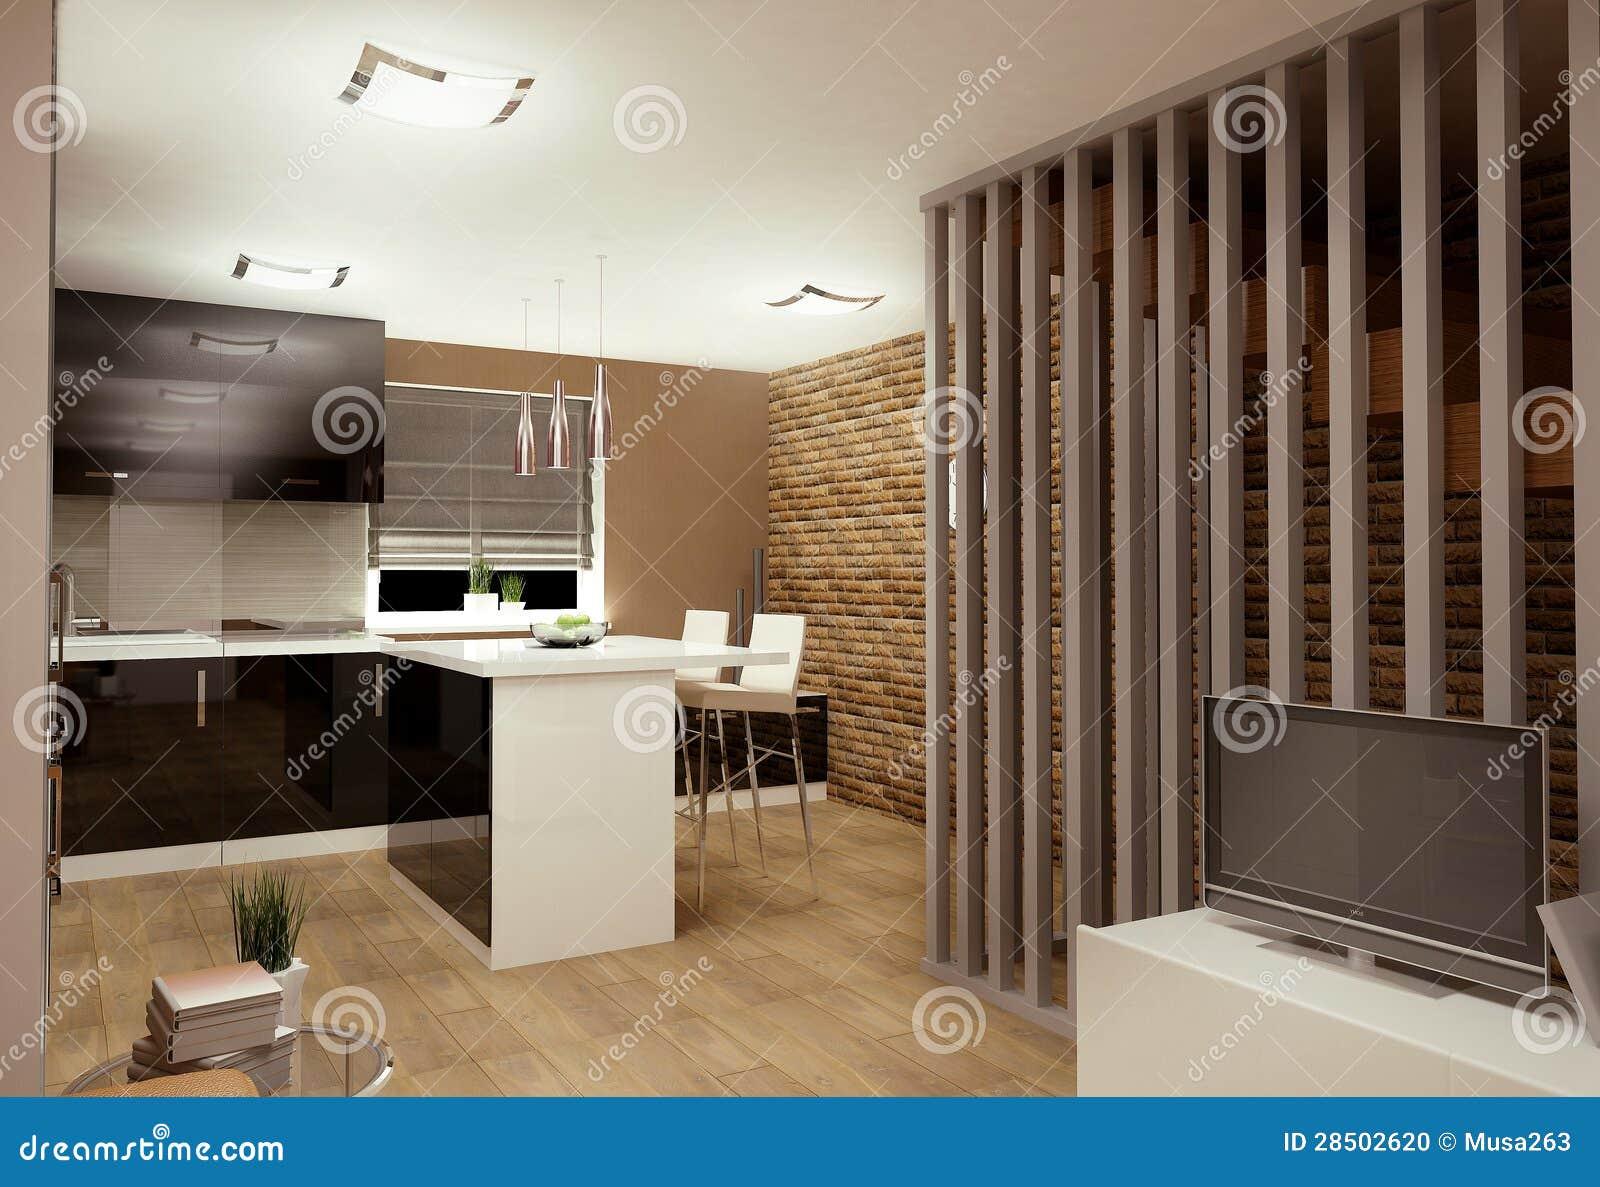 Wohnzimmer Mit Kochnische Stockfoto